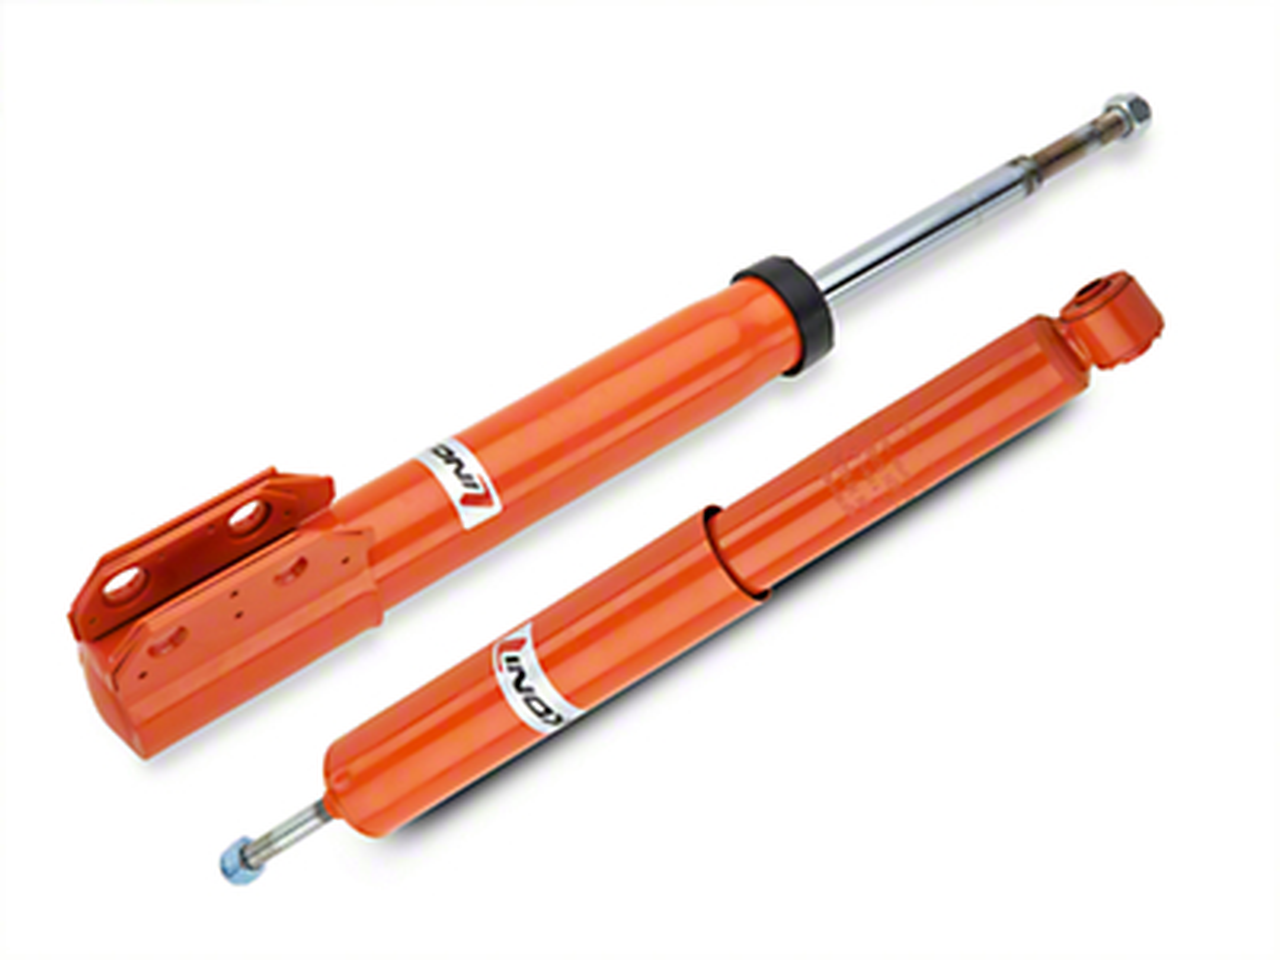 KONI STR.T Shock & Strut Kit (94-04 GT, V6, Mach 1; 94-98 Cobra)